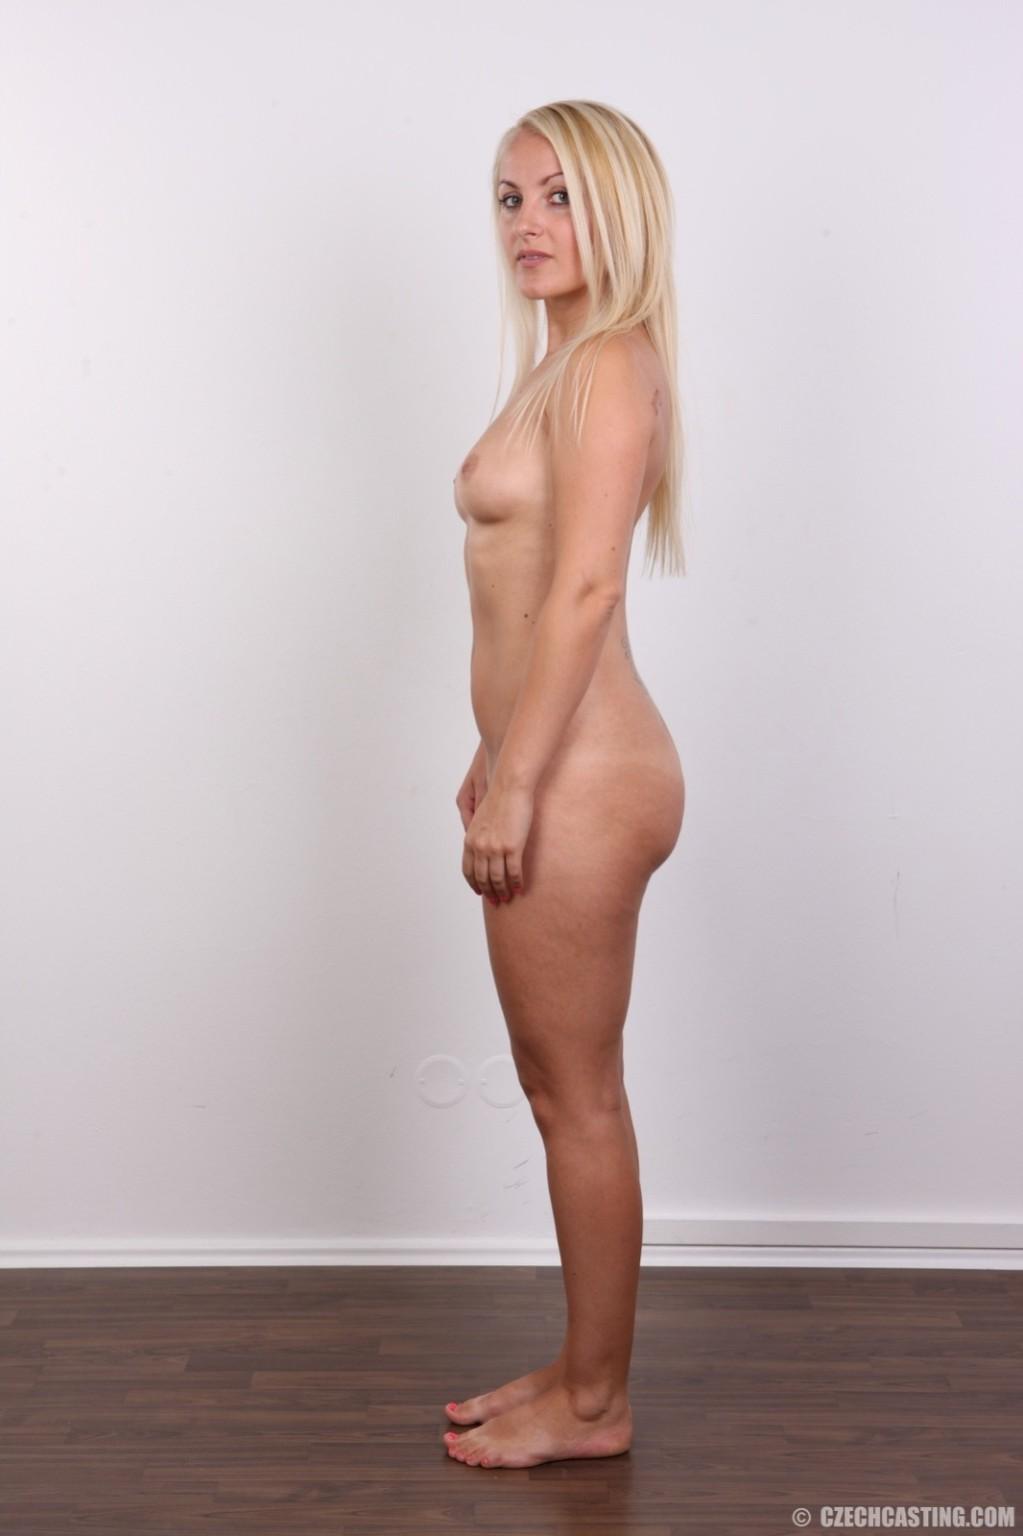 Блондиночка с рисунком бабочки на спине ебет неплохие формы, ее пися тоже неимоверно неплоха